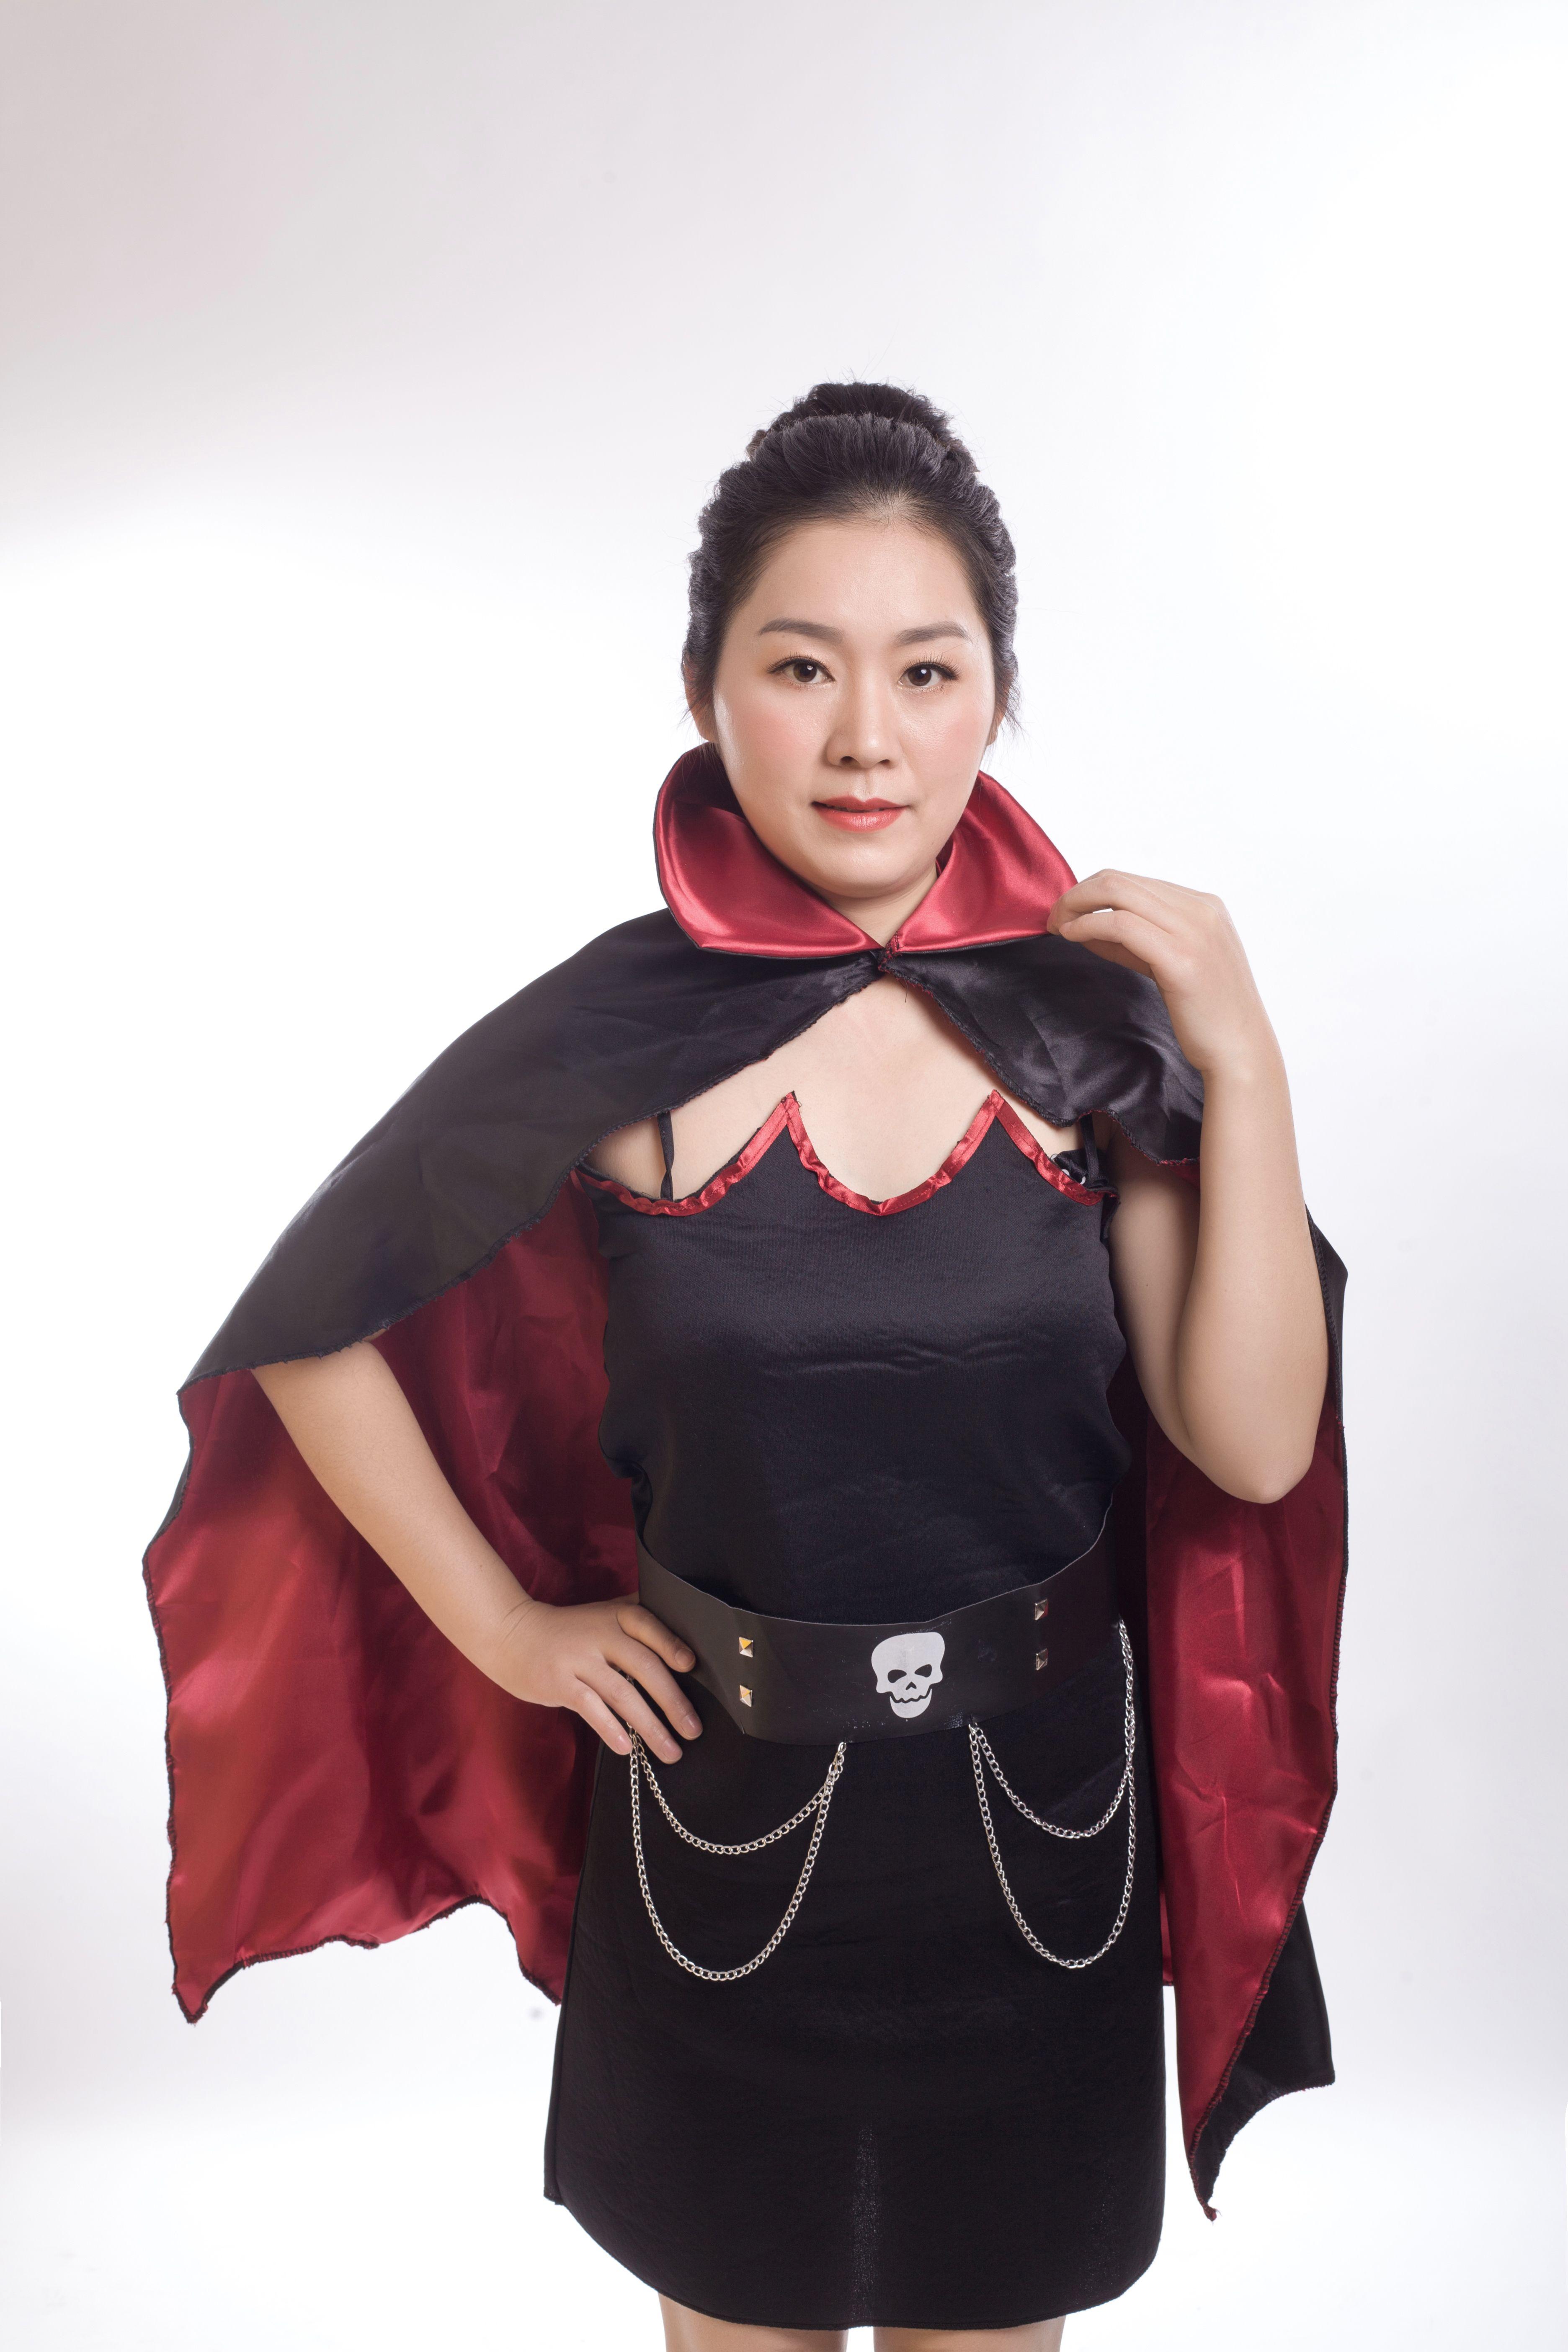 Halloween costumewomen v&ire costumes dress and cloak waistband  sc 1 st  Pinterest & Halloween costumewomen vampire costumes dress and cloak waistband ...